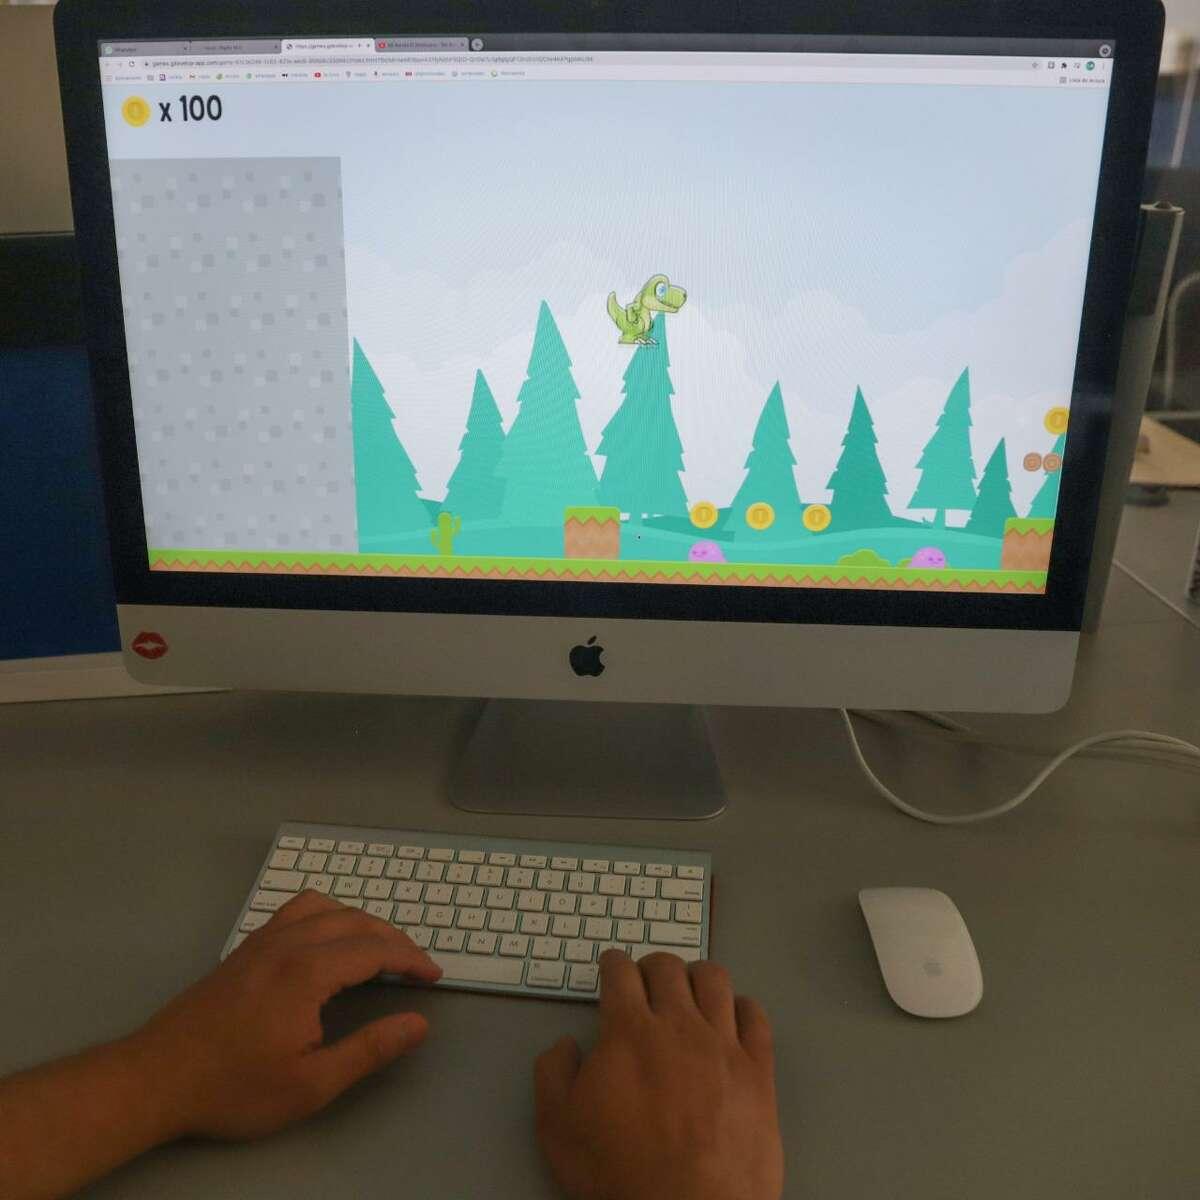 """El videojuego """"Dino camino al museo"""" ha sido lanzado en forma gratuita por la Dirección de Arte y Cultura de Nuevo Laredo, México, con la intención de acercar a los menores a las actividades culturales del Centro Cultural Nuevo Laredo."""